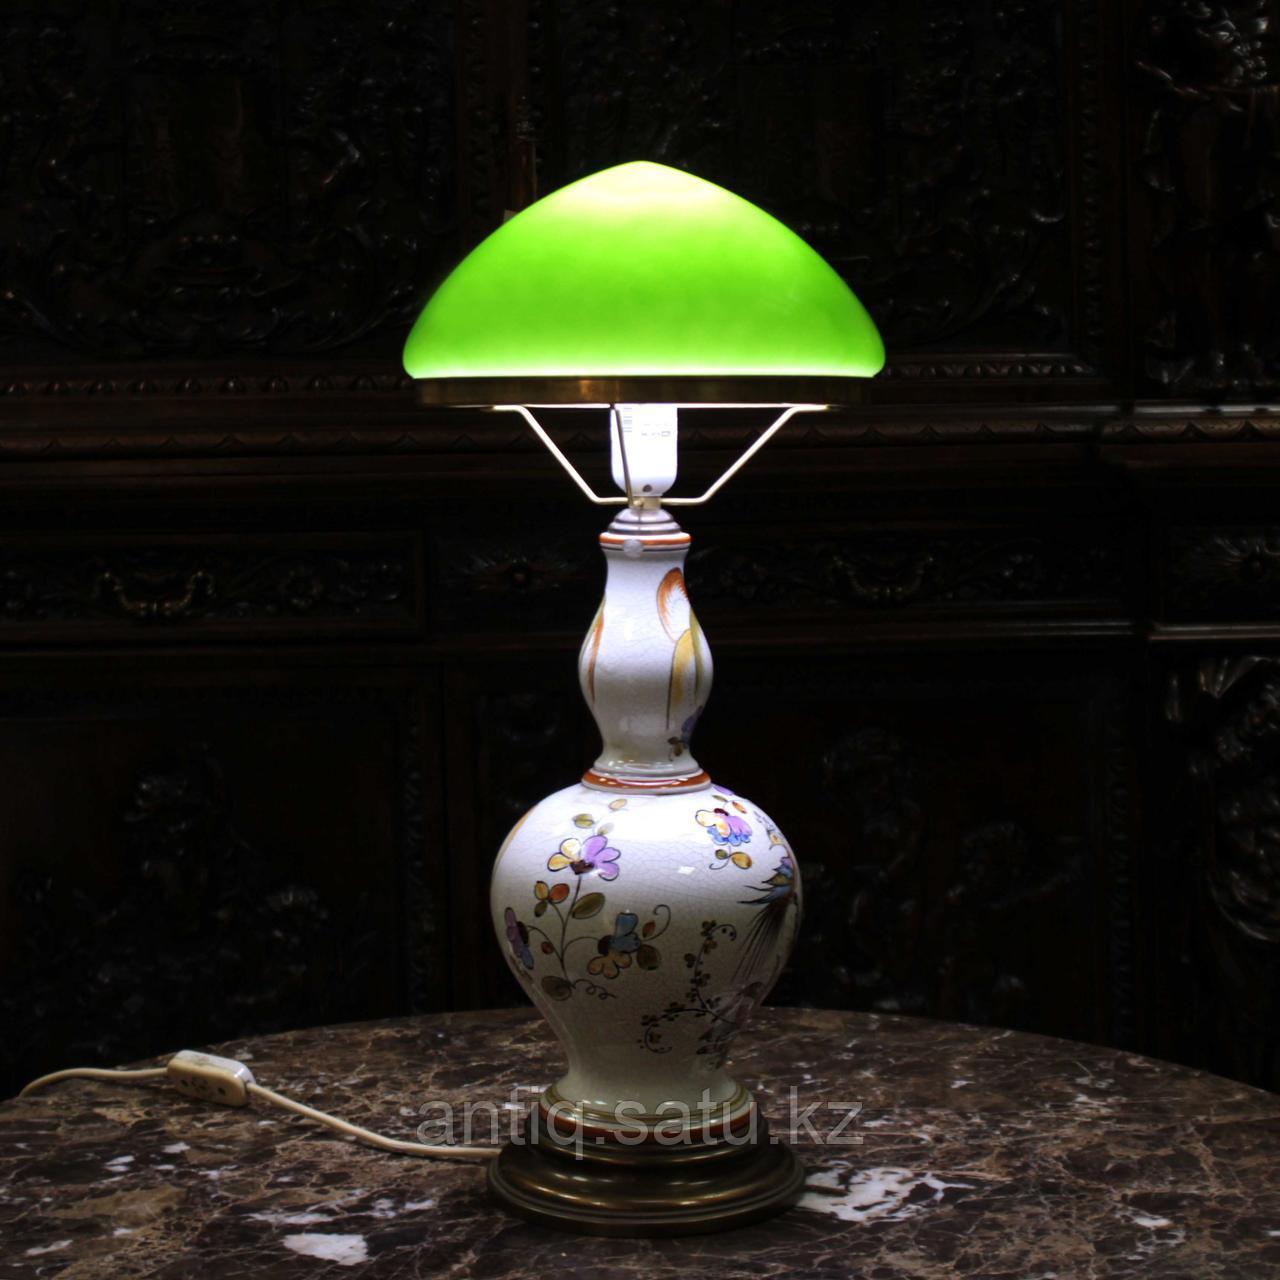 Лампа из итальянской мойолики. - фото 5